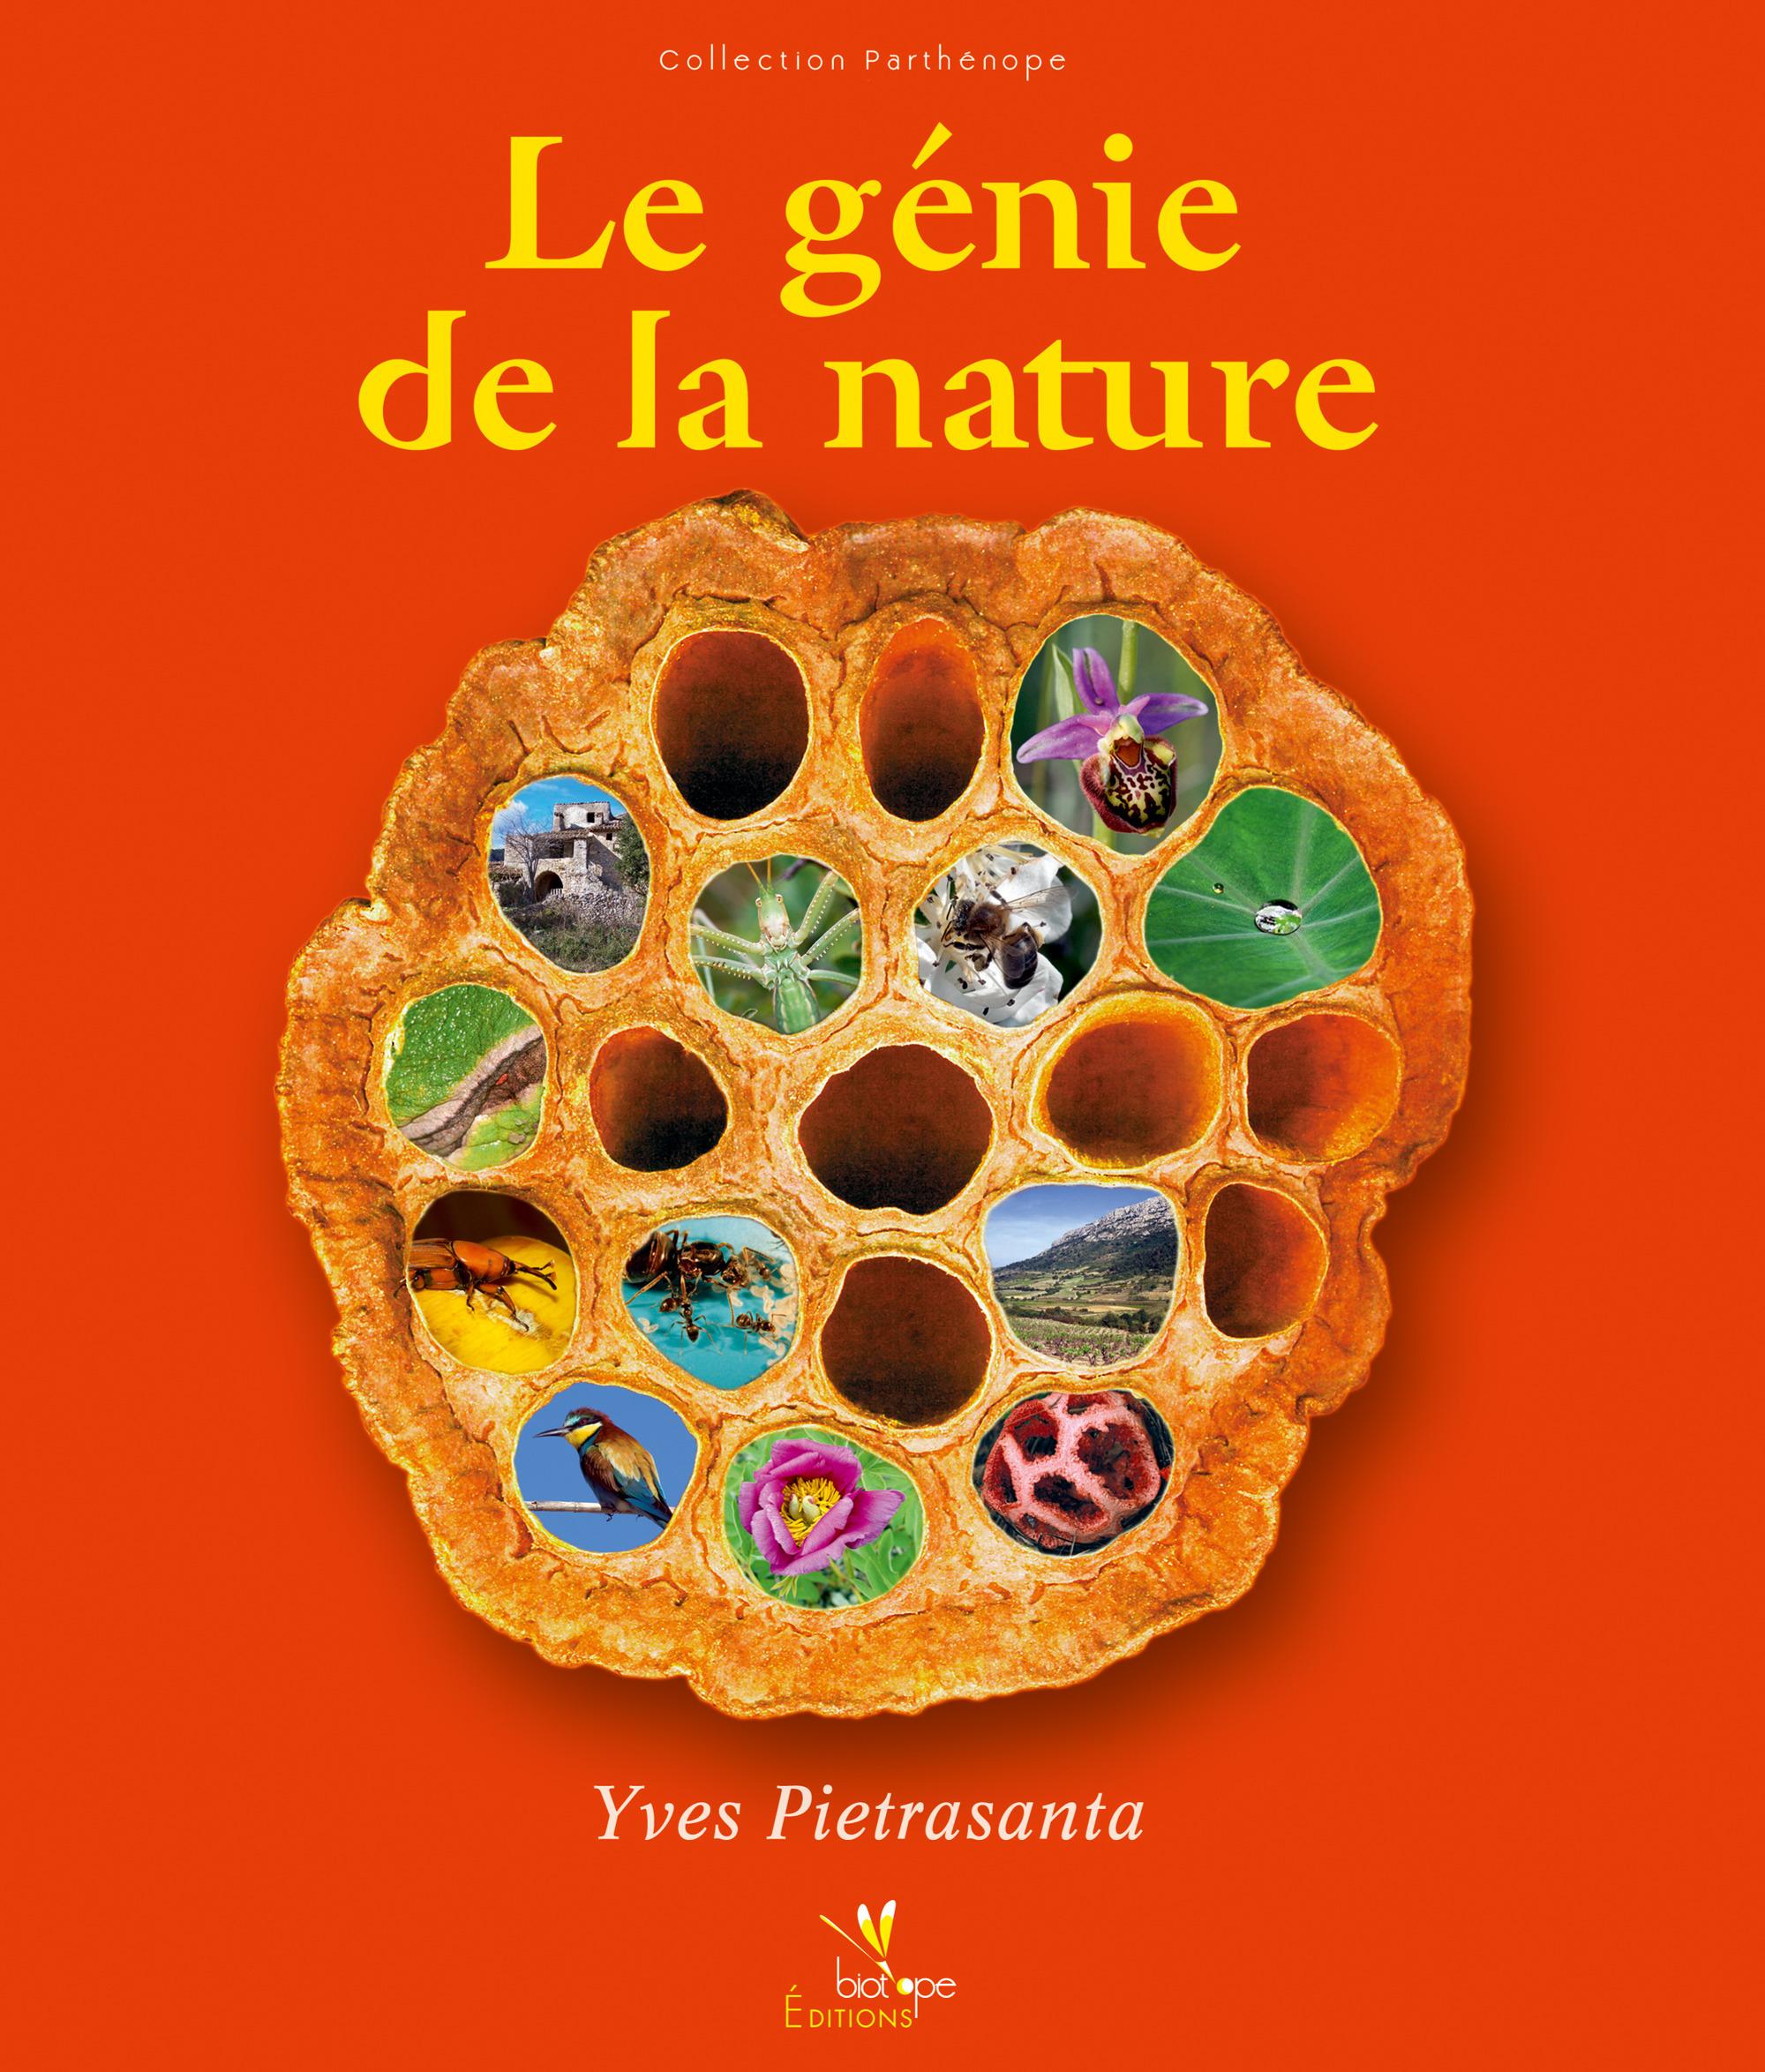 Le génie de la nature